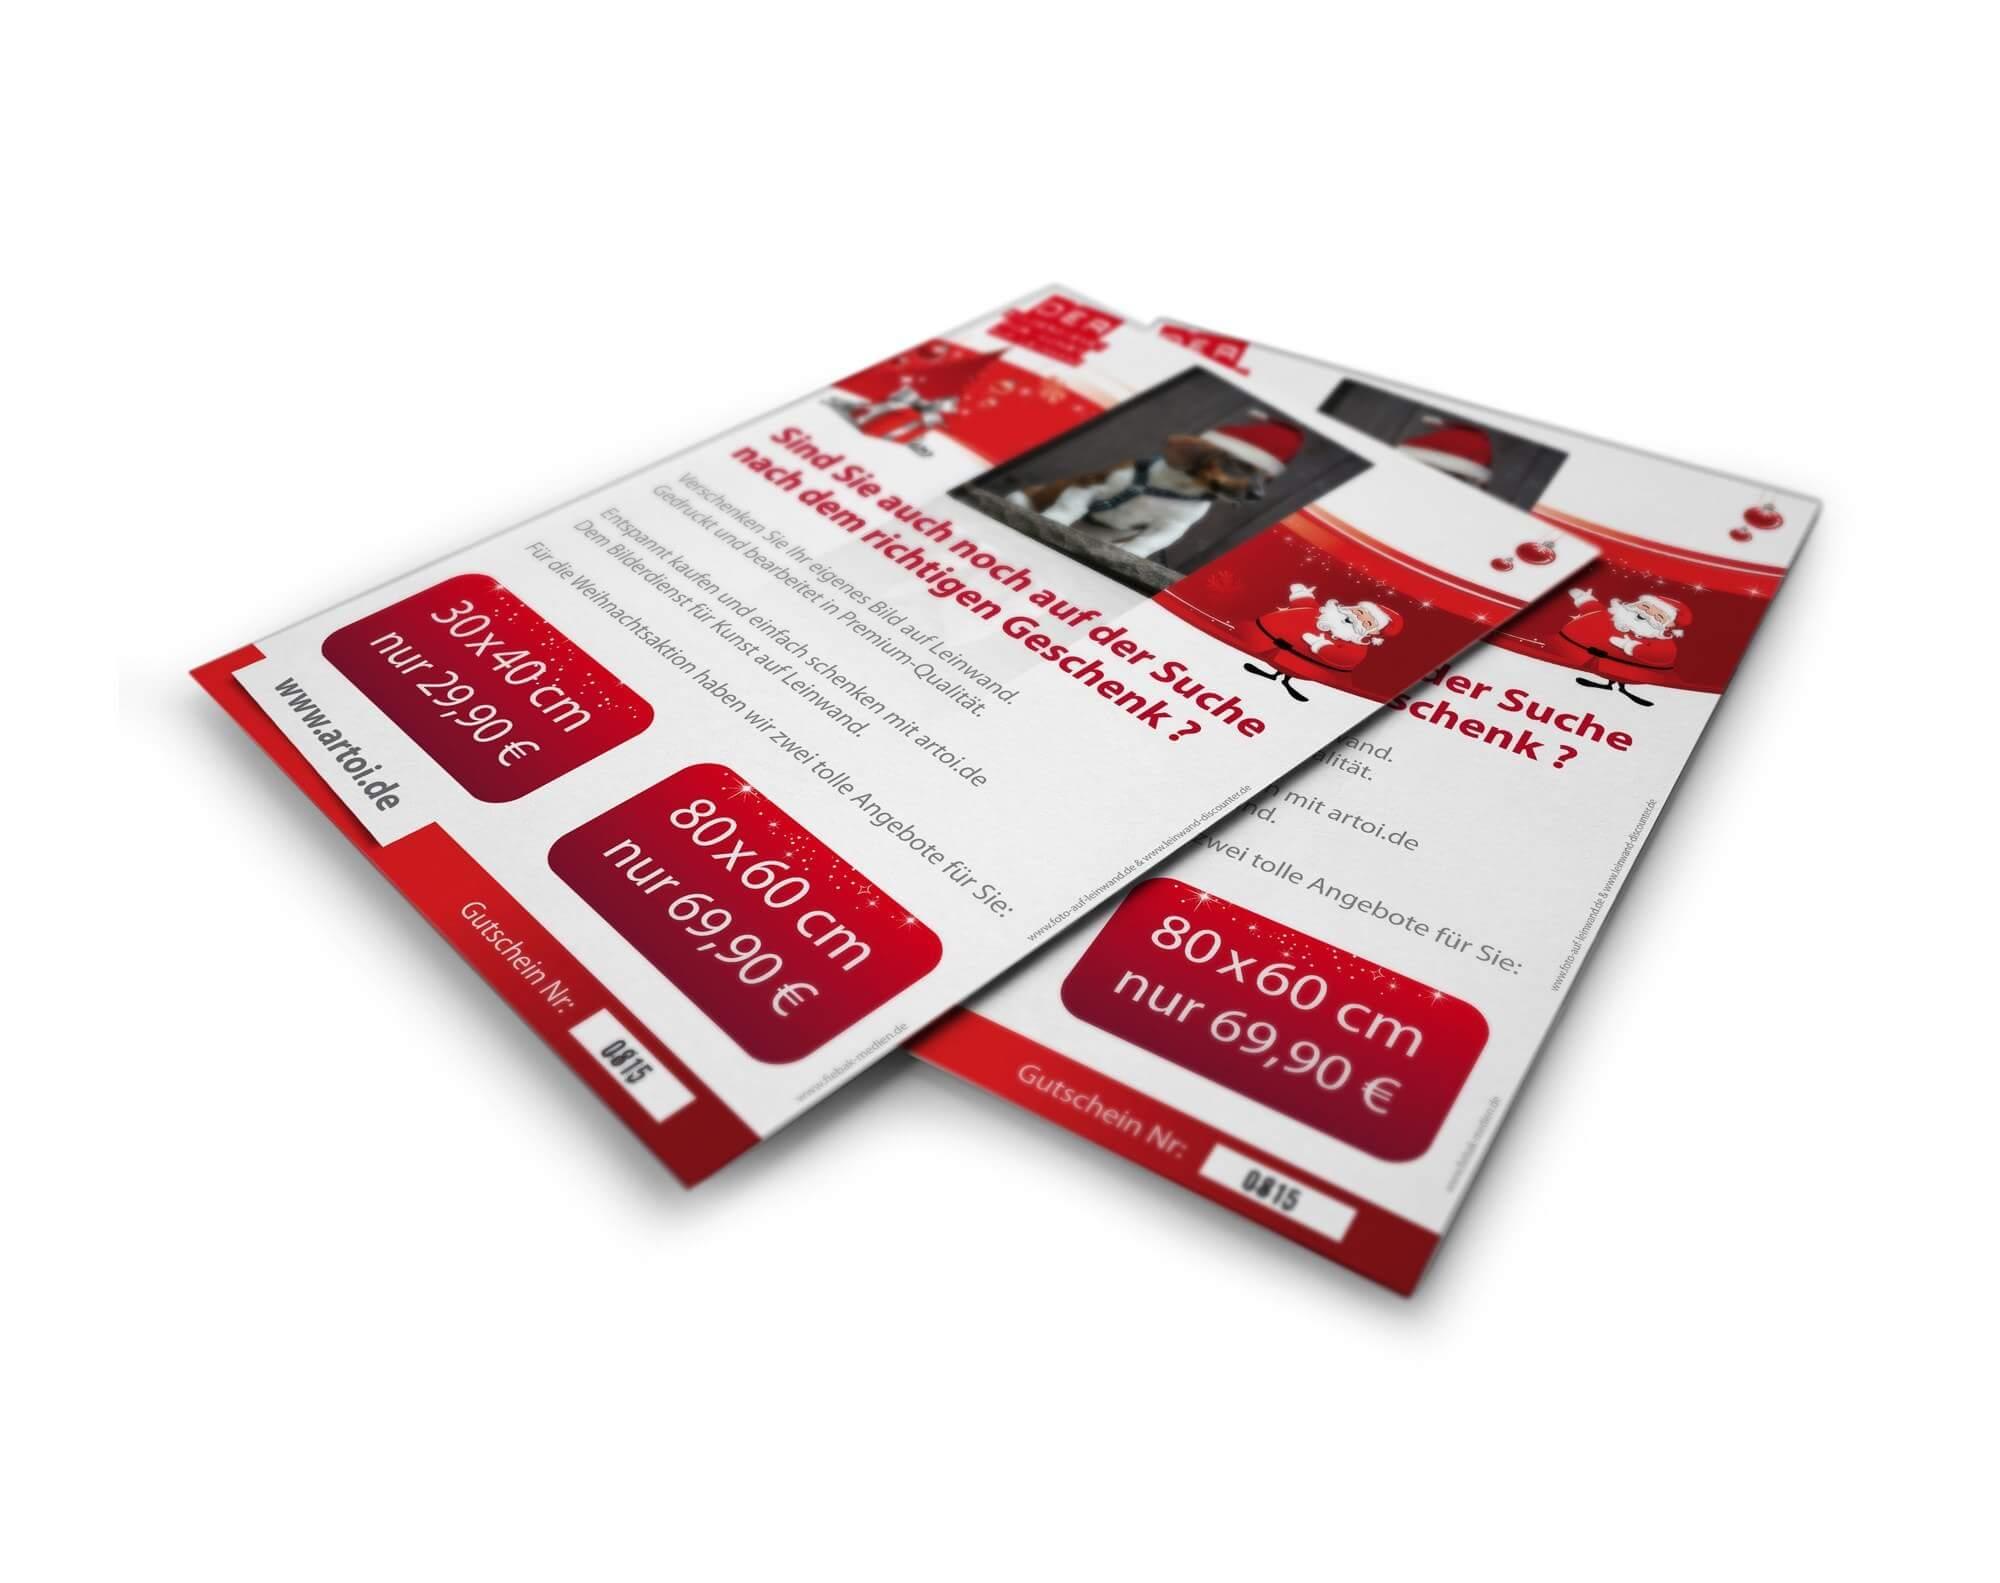 Weihnachten steht vor der Tür: Jetzt an Weihnachtsflyer, Weihnachtskarten oder den Weihnachtsnewsletter denken!